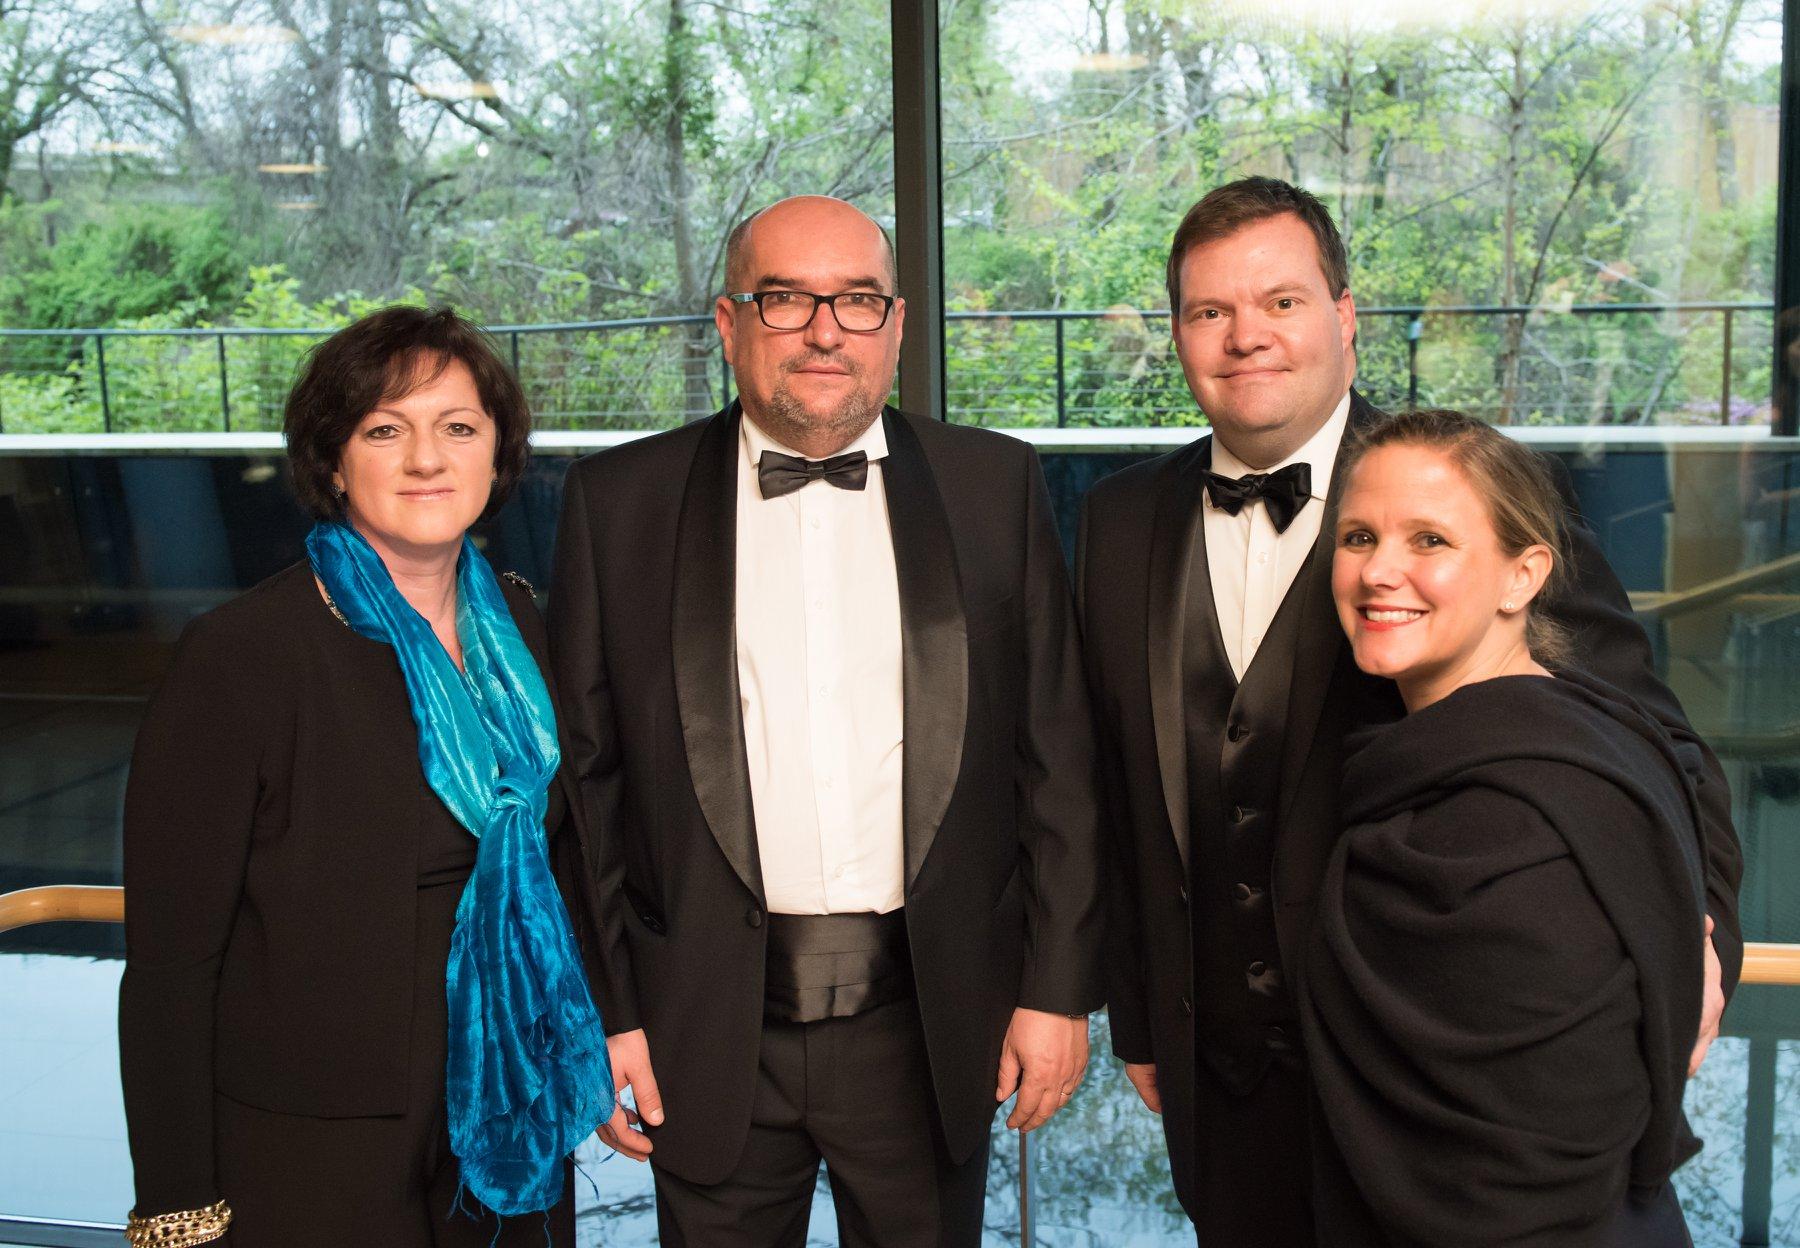 Ambassador Szemerkényi Réka, Dr. Laszlo Brenzovics, Dr. Joe Foster, Vice President of Marymount University and Dr. Stephanie Foster